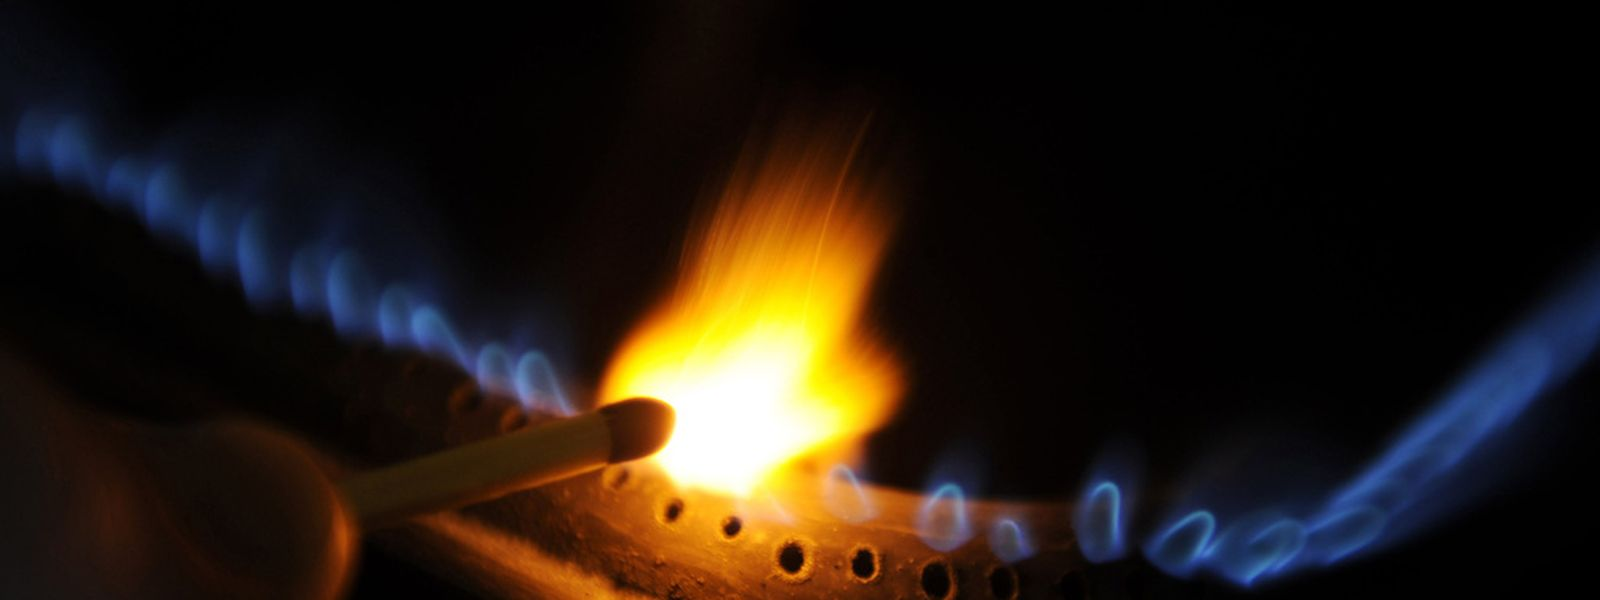 Russsisches Gas transitiert via die Ukraine nach Europa.